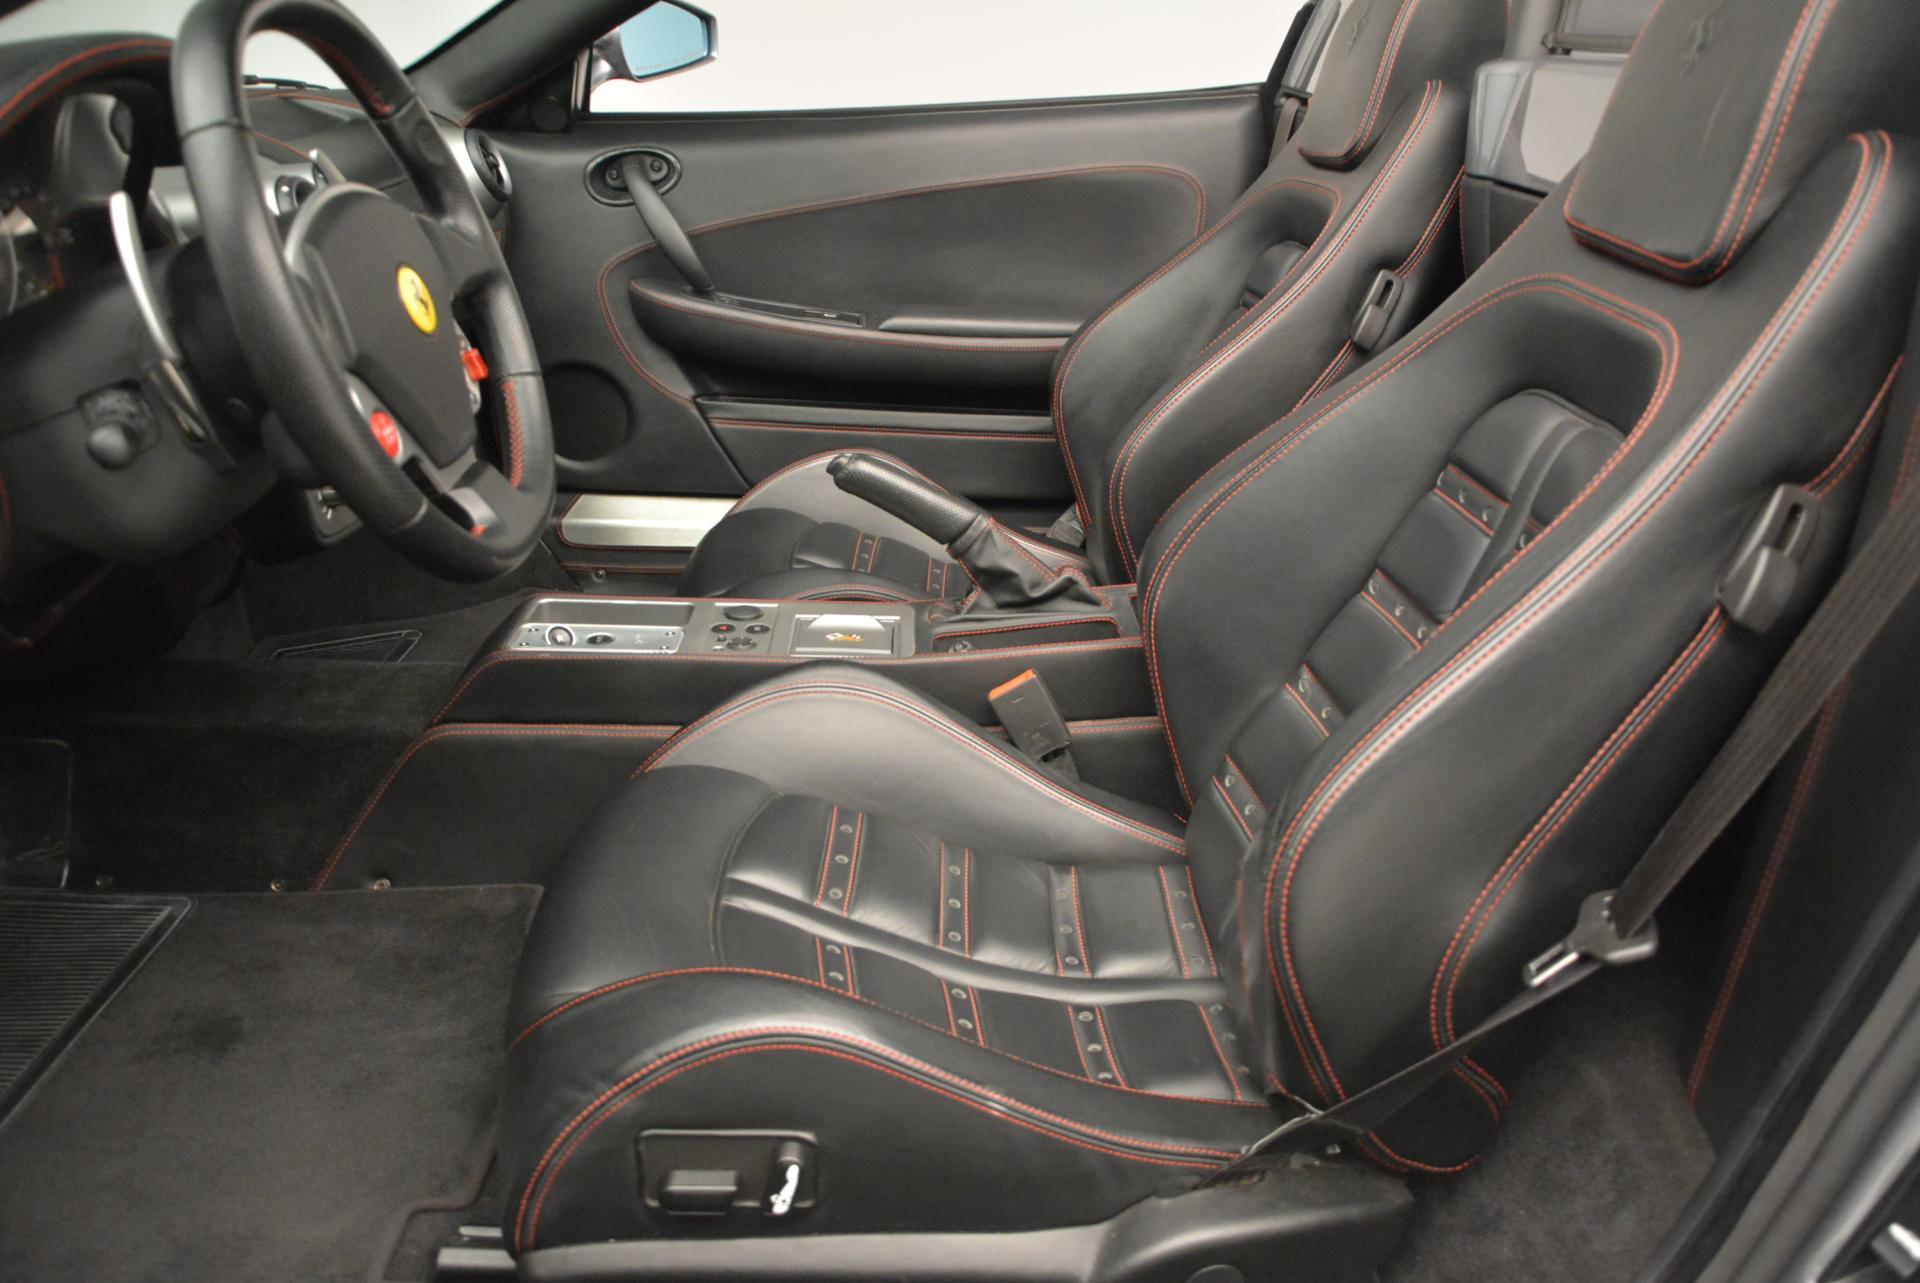 Used 2005 Ferrari F430 Spider For Sale In Greenwich, CT. Alfa Romeo of Greenwich, 4319 150_p26